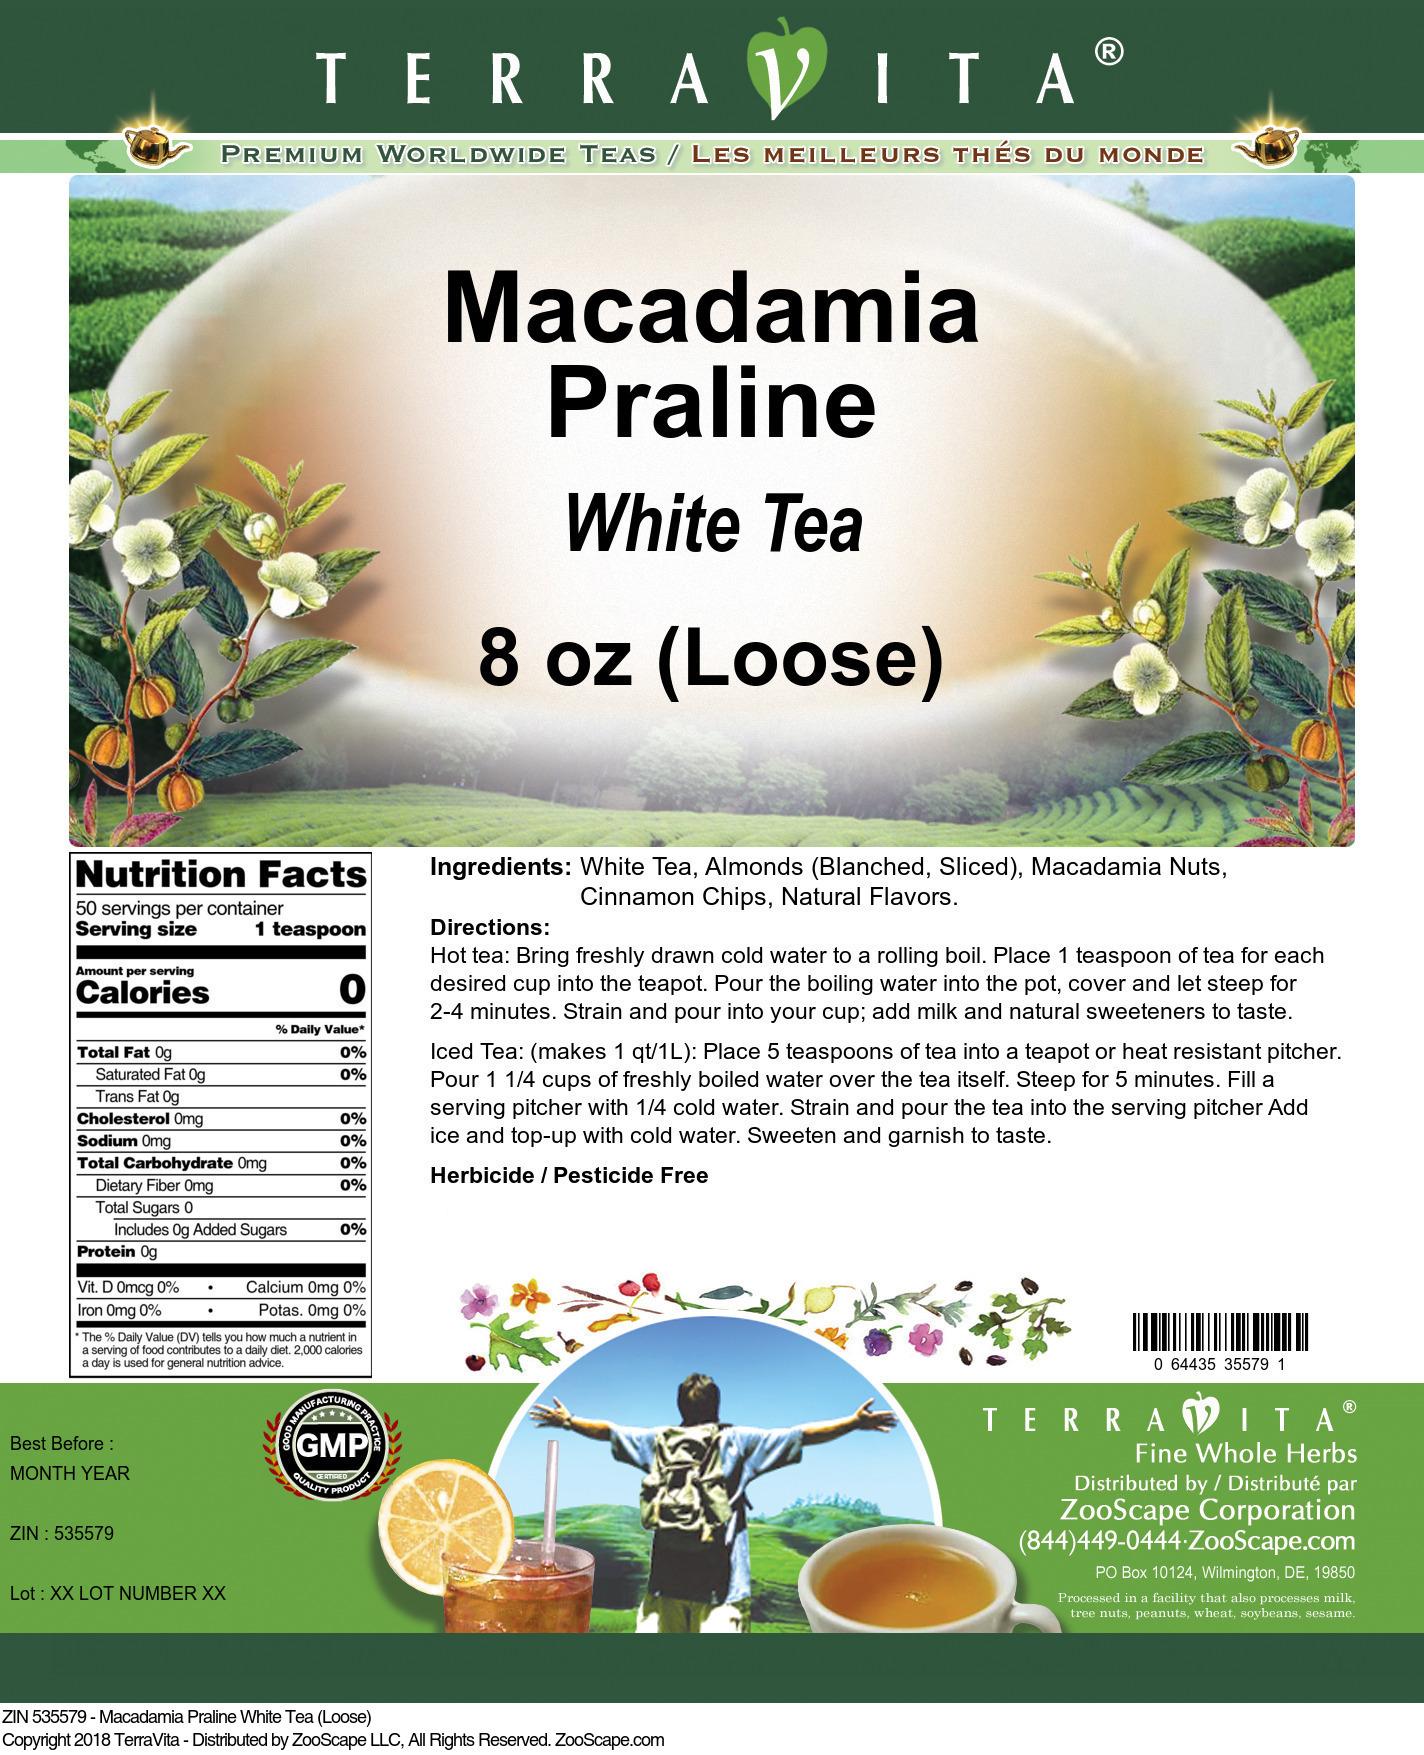 Macadamia Praline White Tea (Loose)